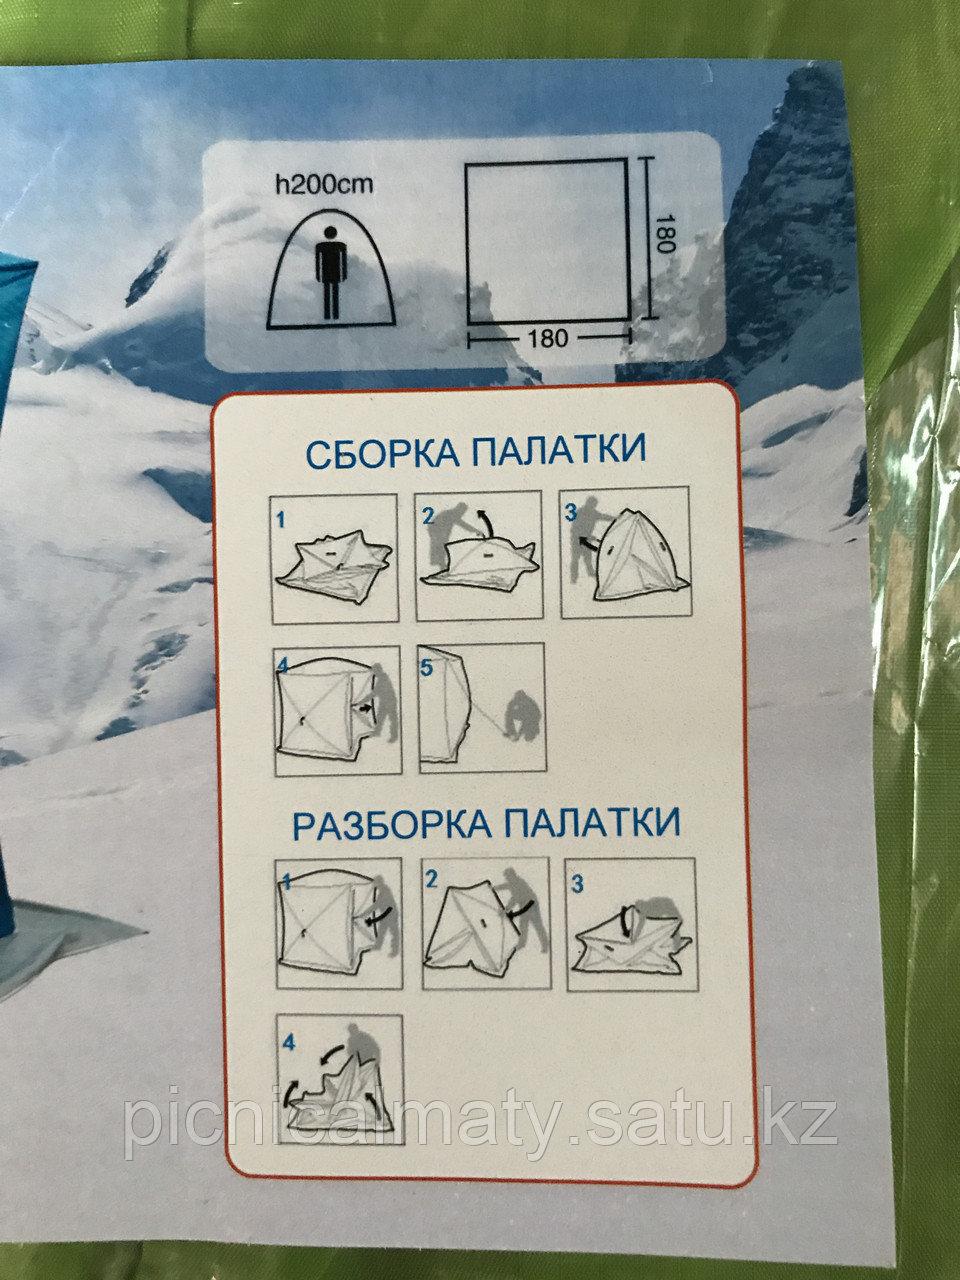 Палатка для зимней рыбалки куб утепленная на синтепоне Tuohai 1,8м - фото 2